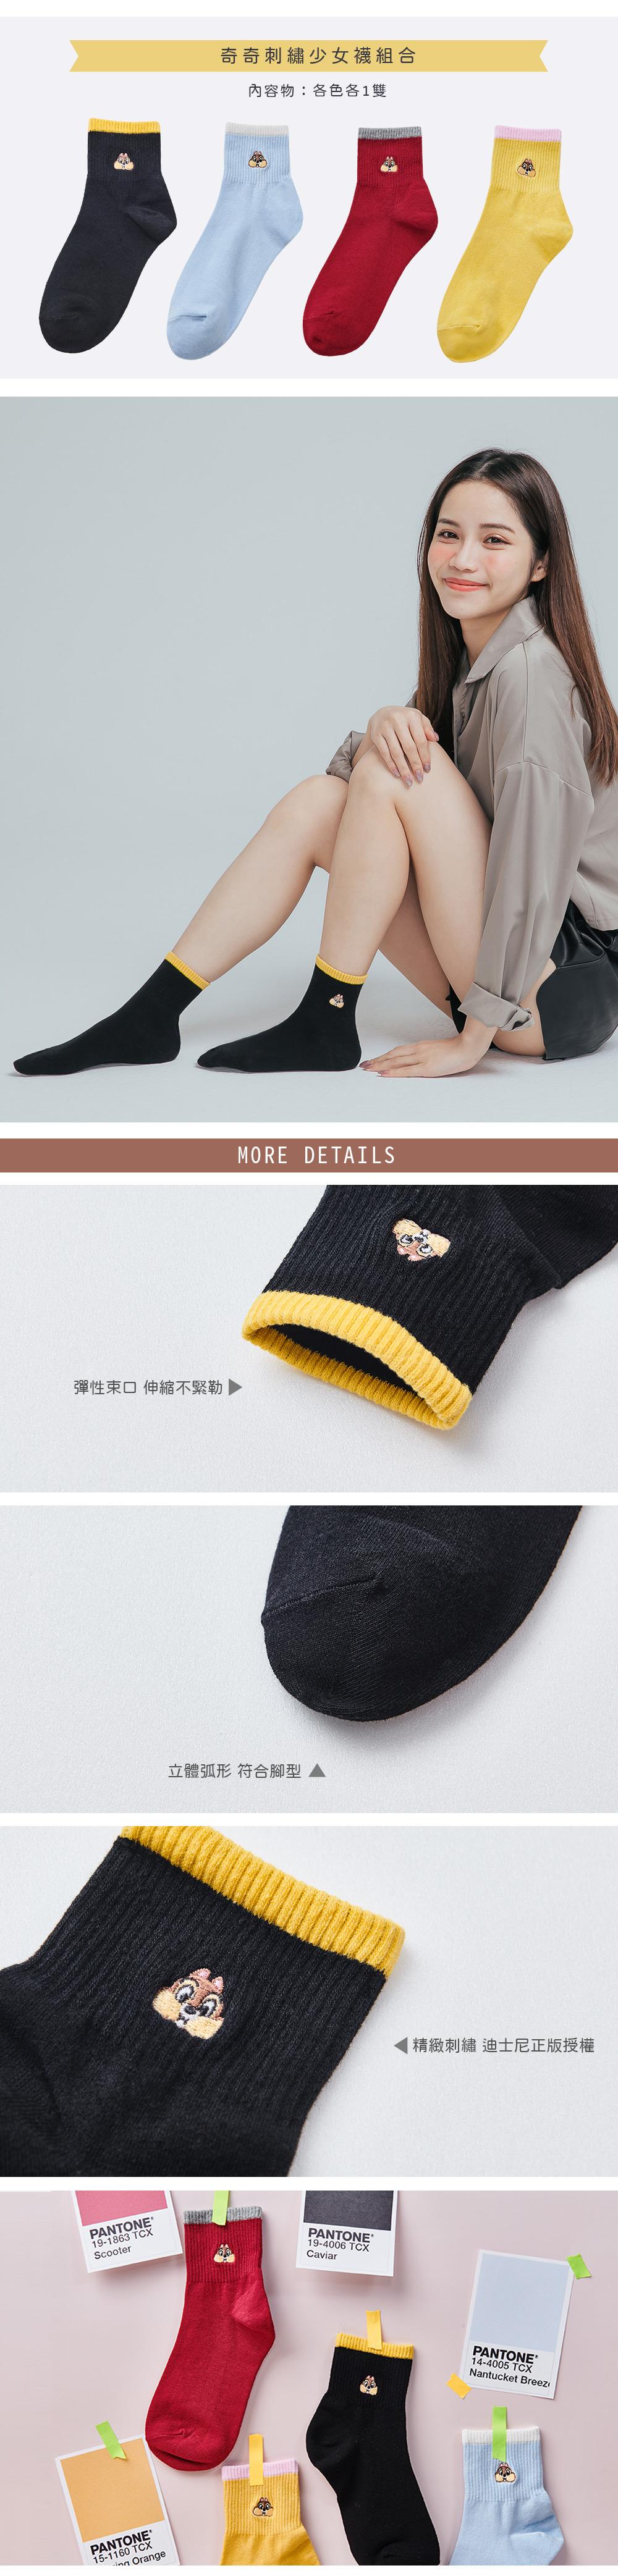 奇奇與蒂蒂刺繡中筒羅紋襪-04